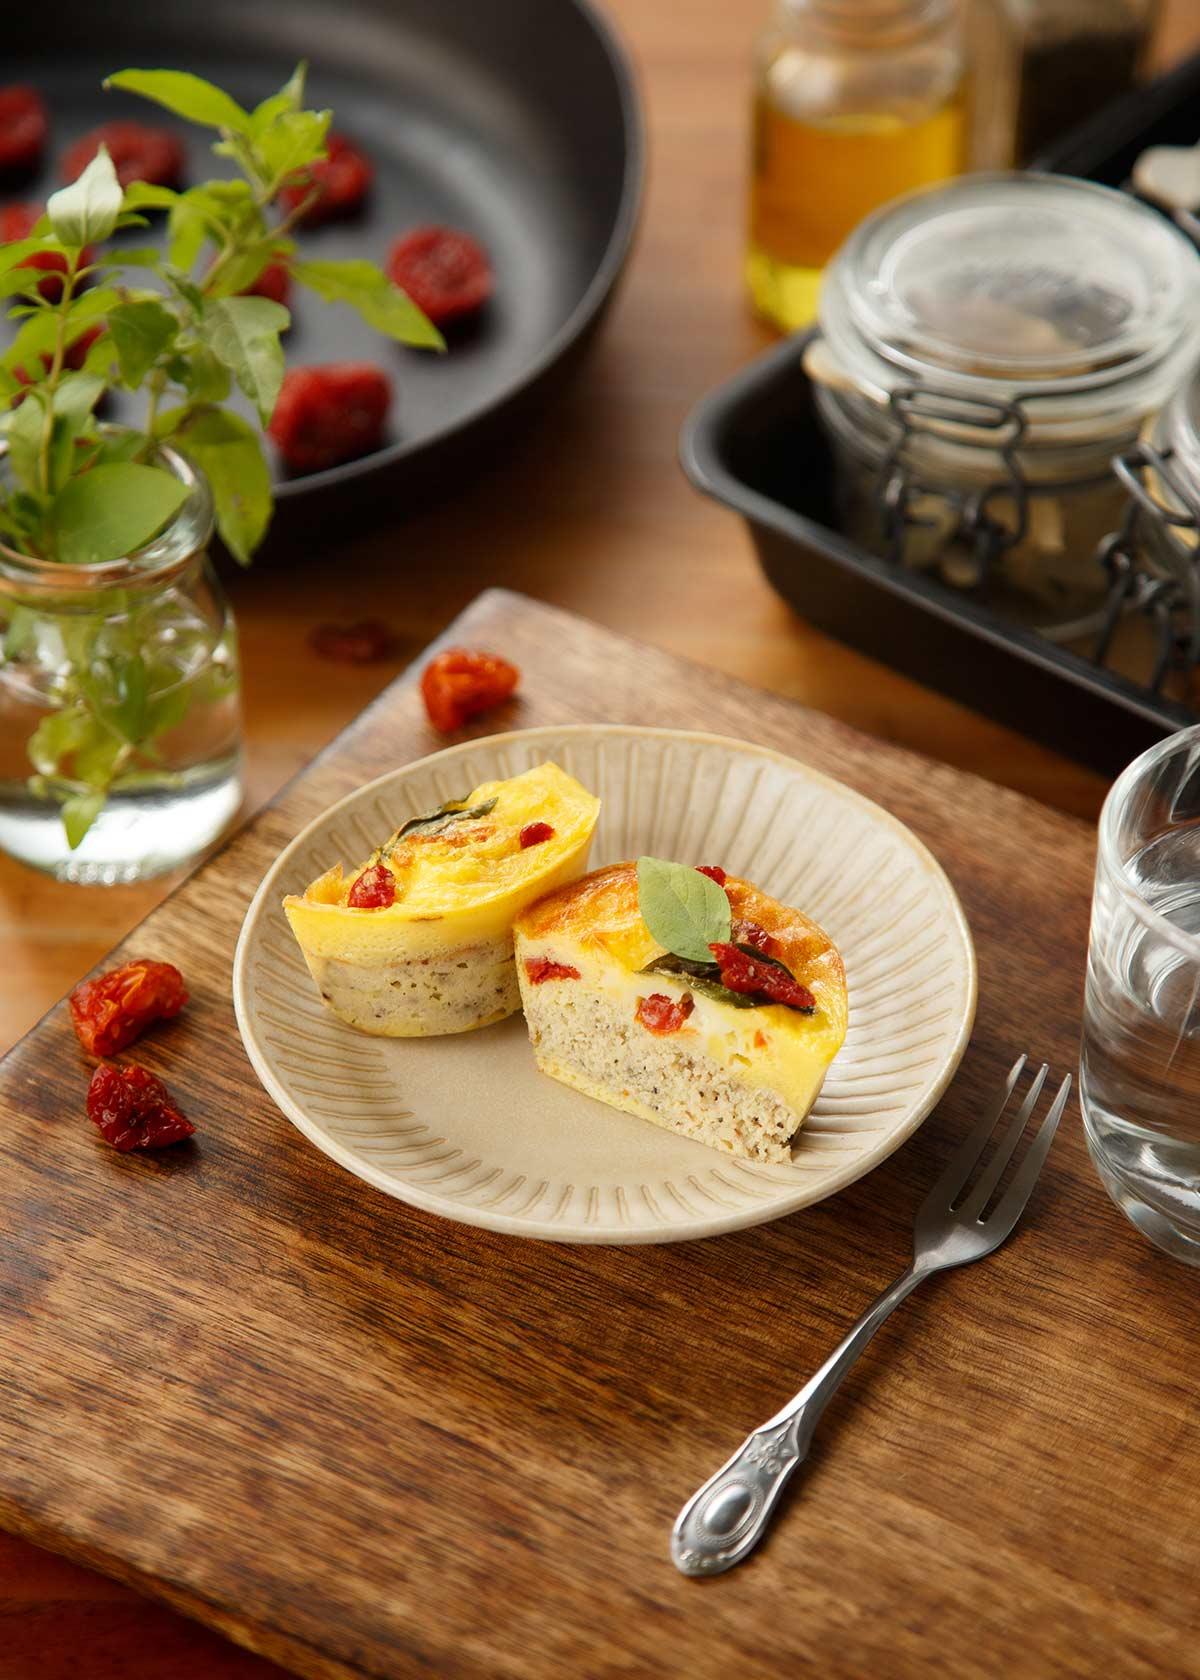 日曬番茄瑪格麗特鹹-產品示意圖